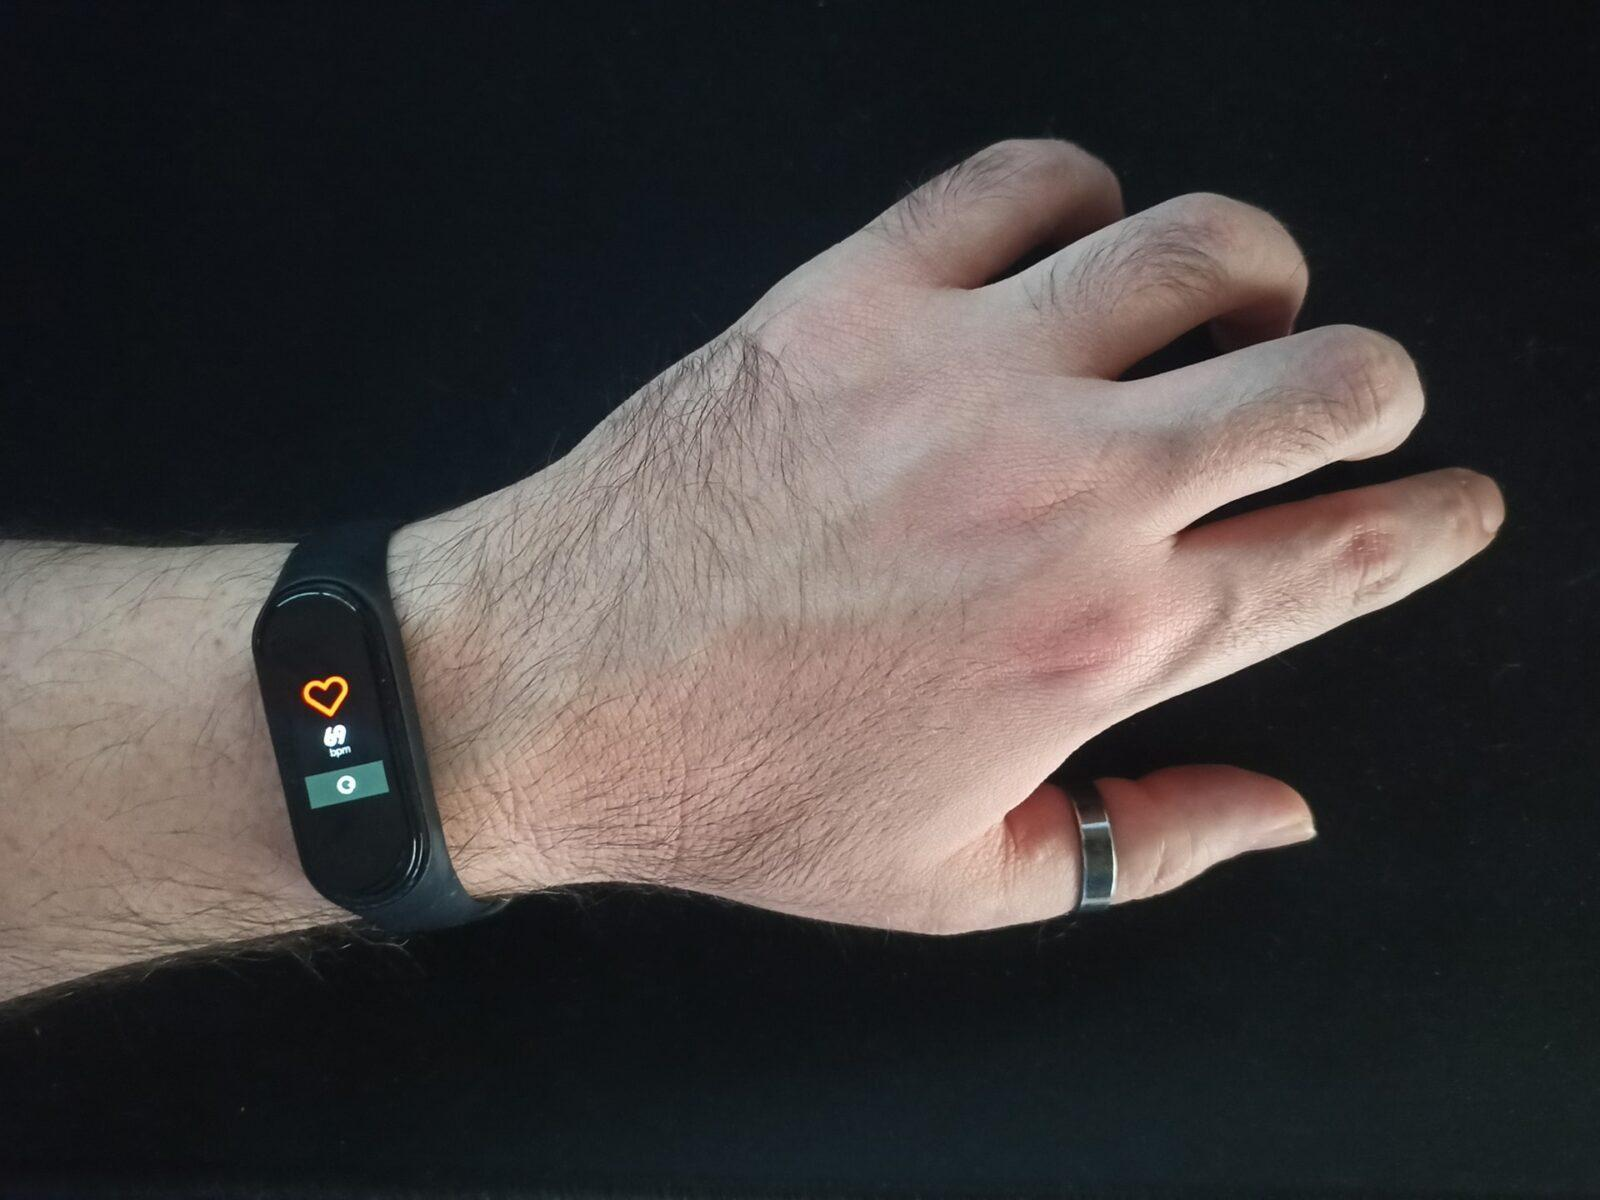 Smartwatch Gear Fit 2 - rencenzja zegarka od samsunga